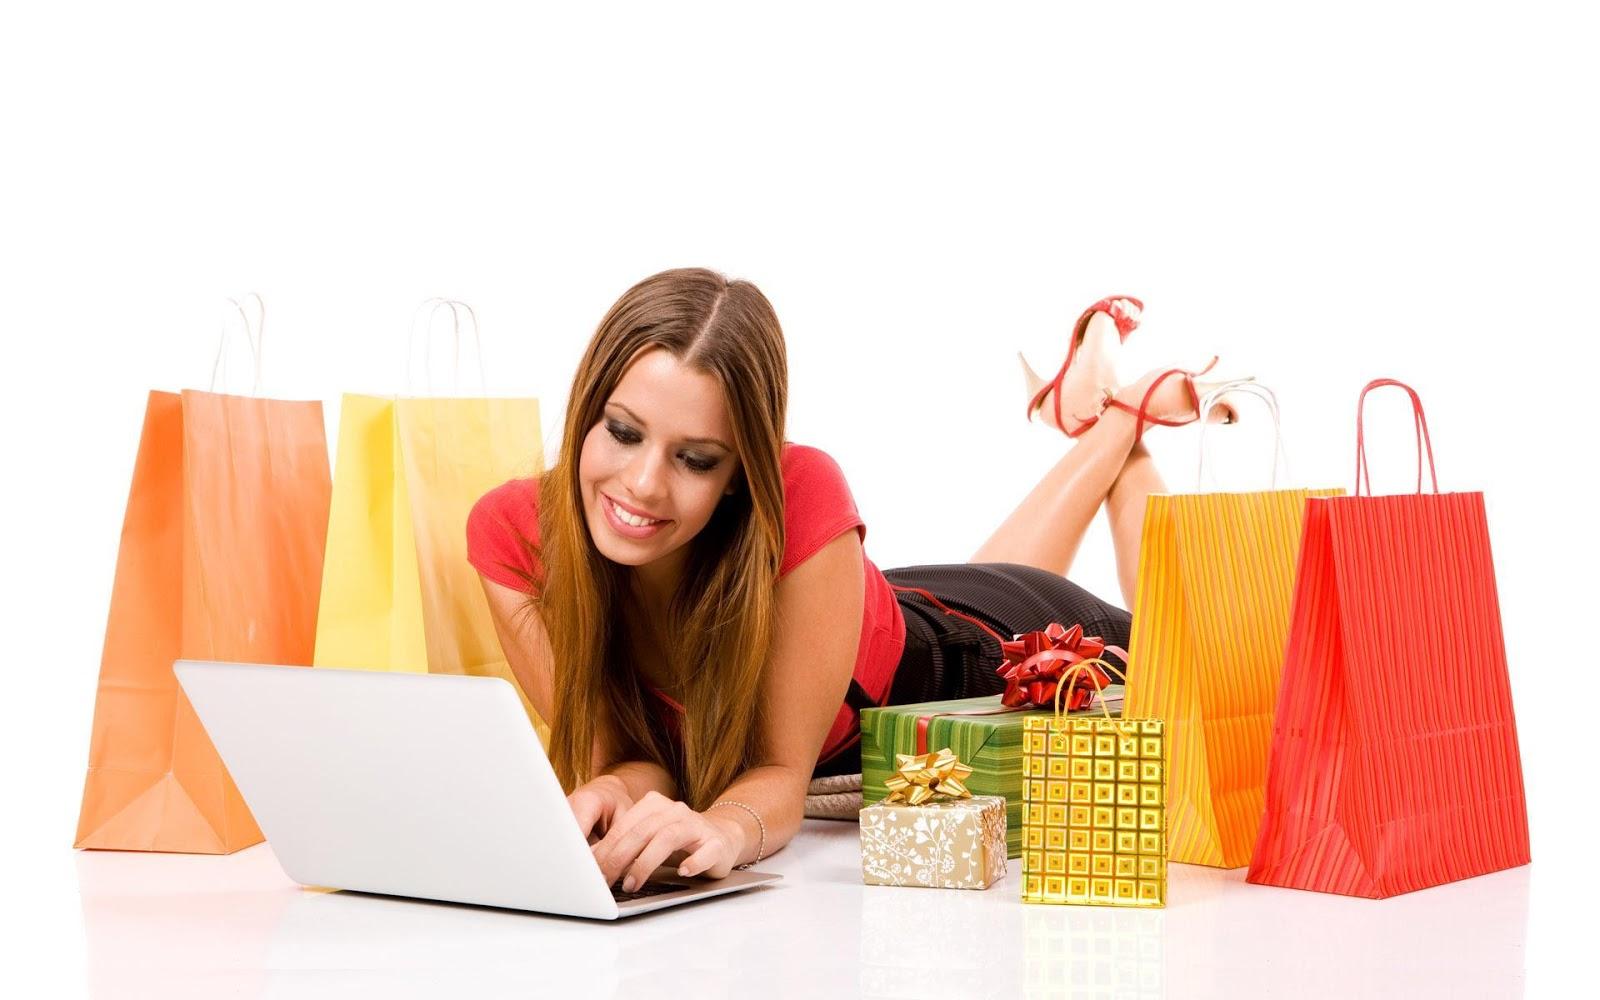 Bán hàng thời trang order: Làm thế nào để thành công?